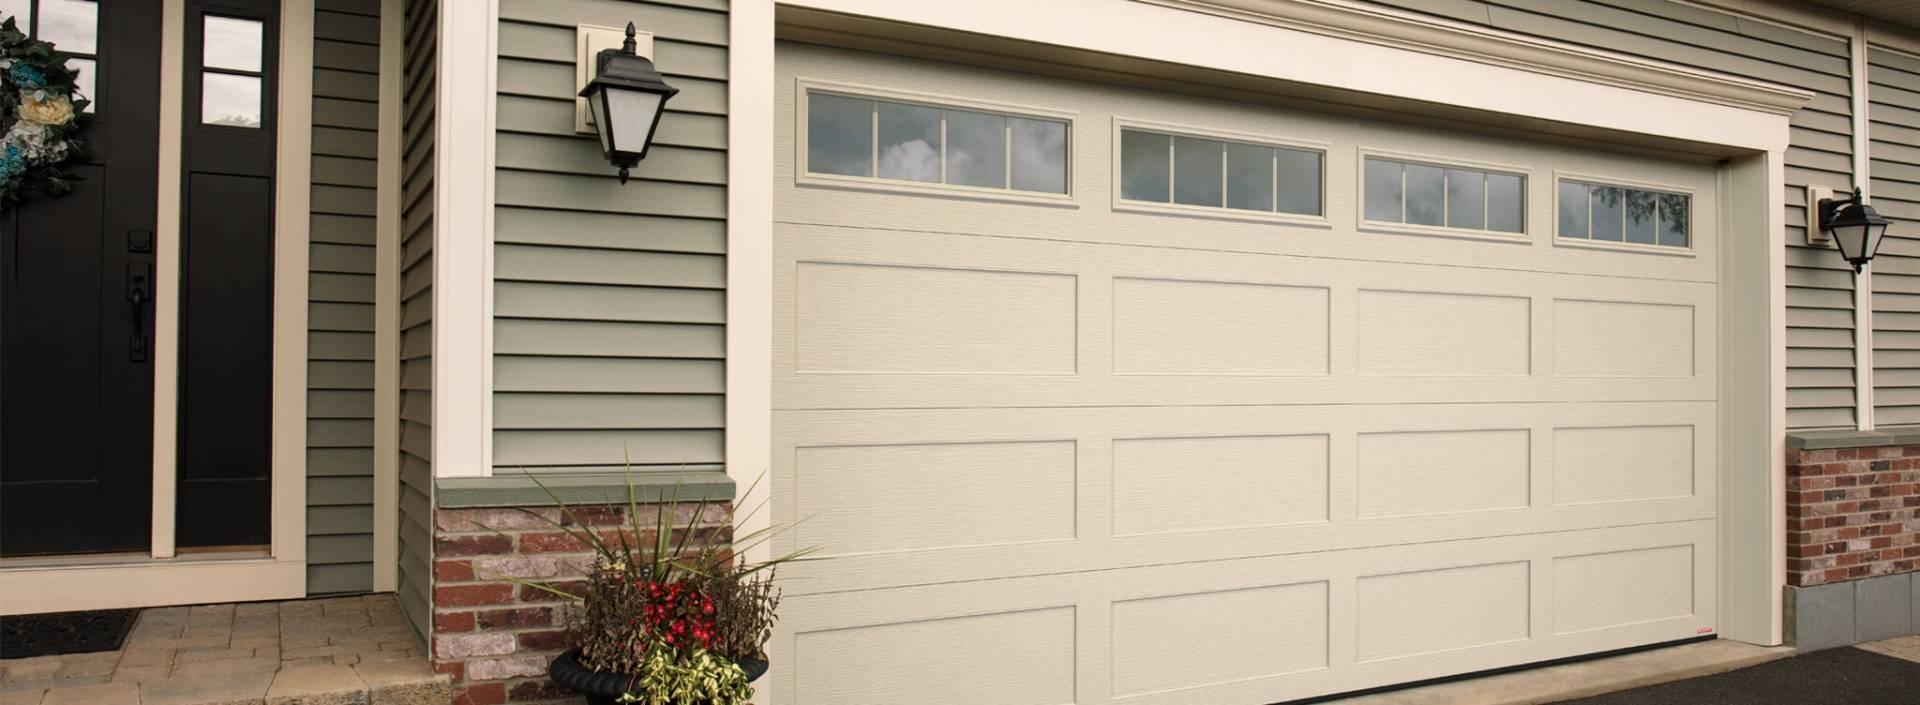 & Garage doors \u0026 openers by Garaga® | The industry leader in quality